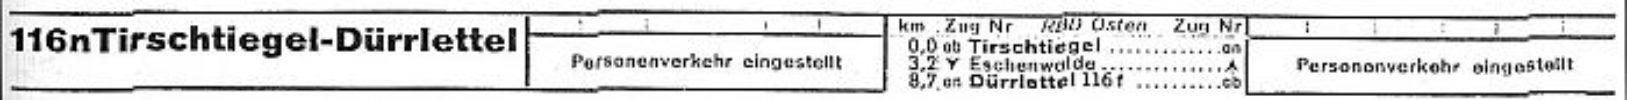 Rozkład jazdy pociągów z 1935 roku. Ruch pociągów osobowych zawieszony